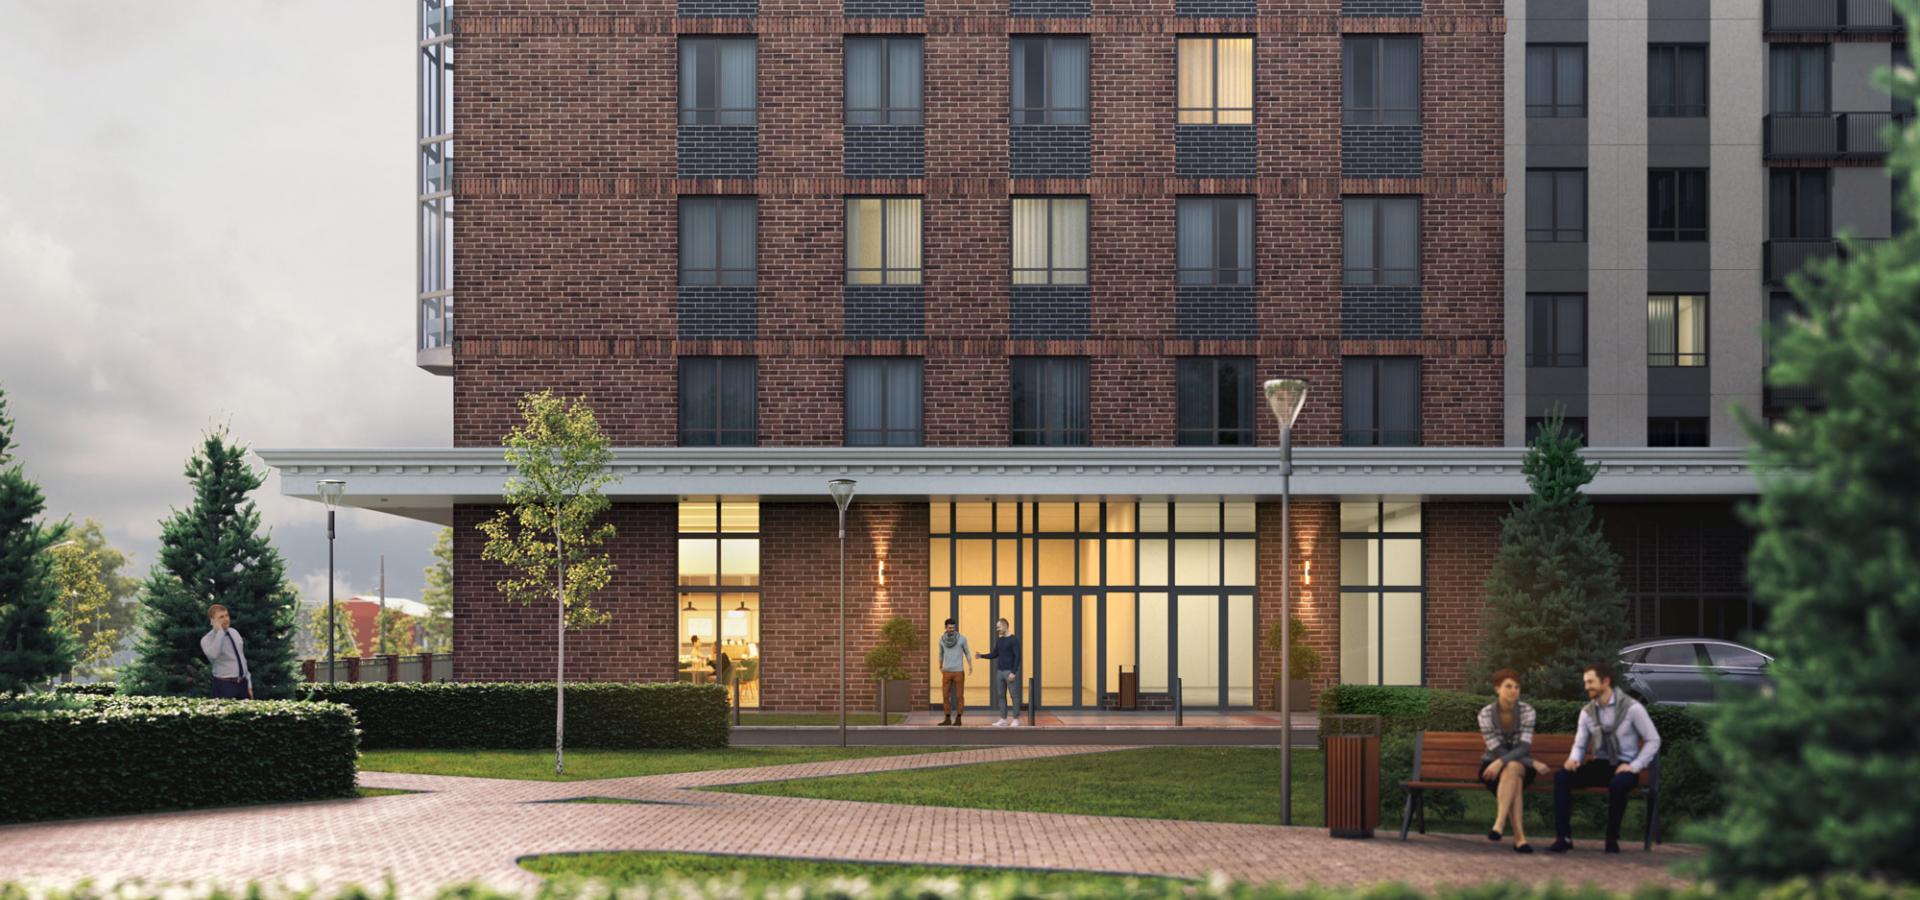 Архитекторы и дизайнеры, работающие над проектом, взяли все самое лучшее в оформлении от элитных зданий и дорогих гостиничных сетей. Фото: сайт ГК «Каркас Монолит»